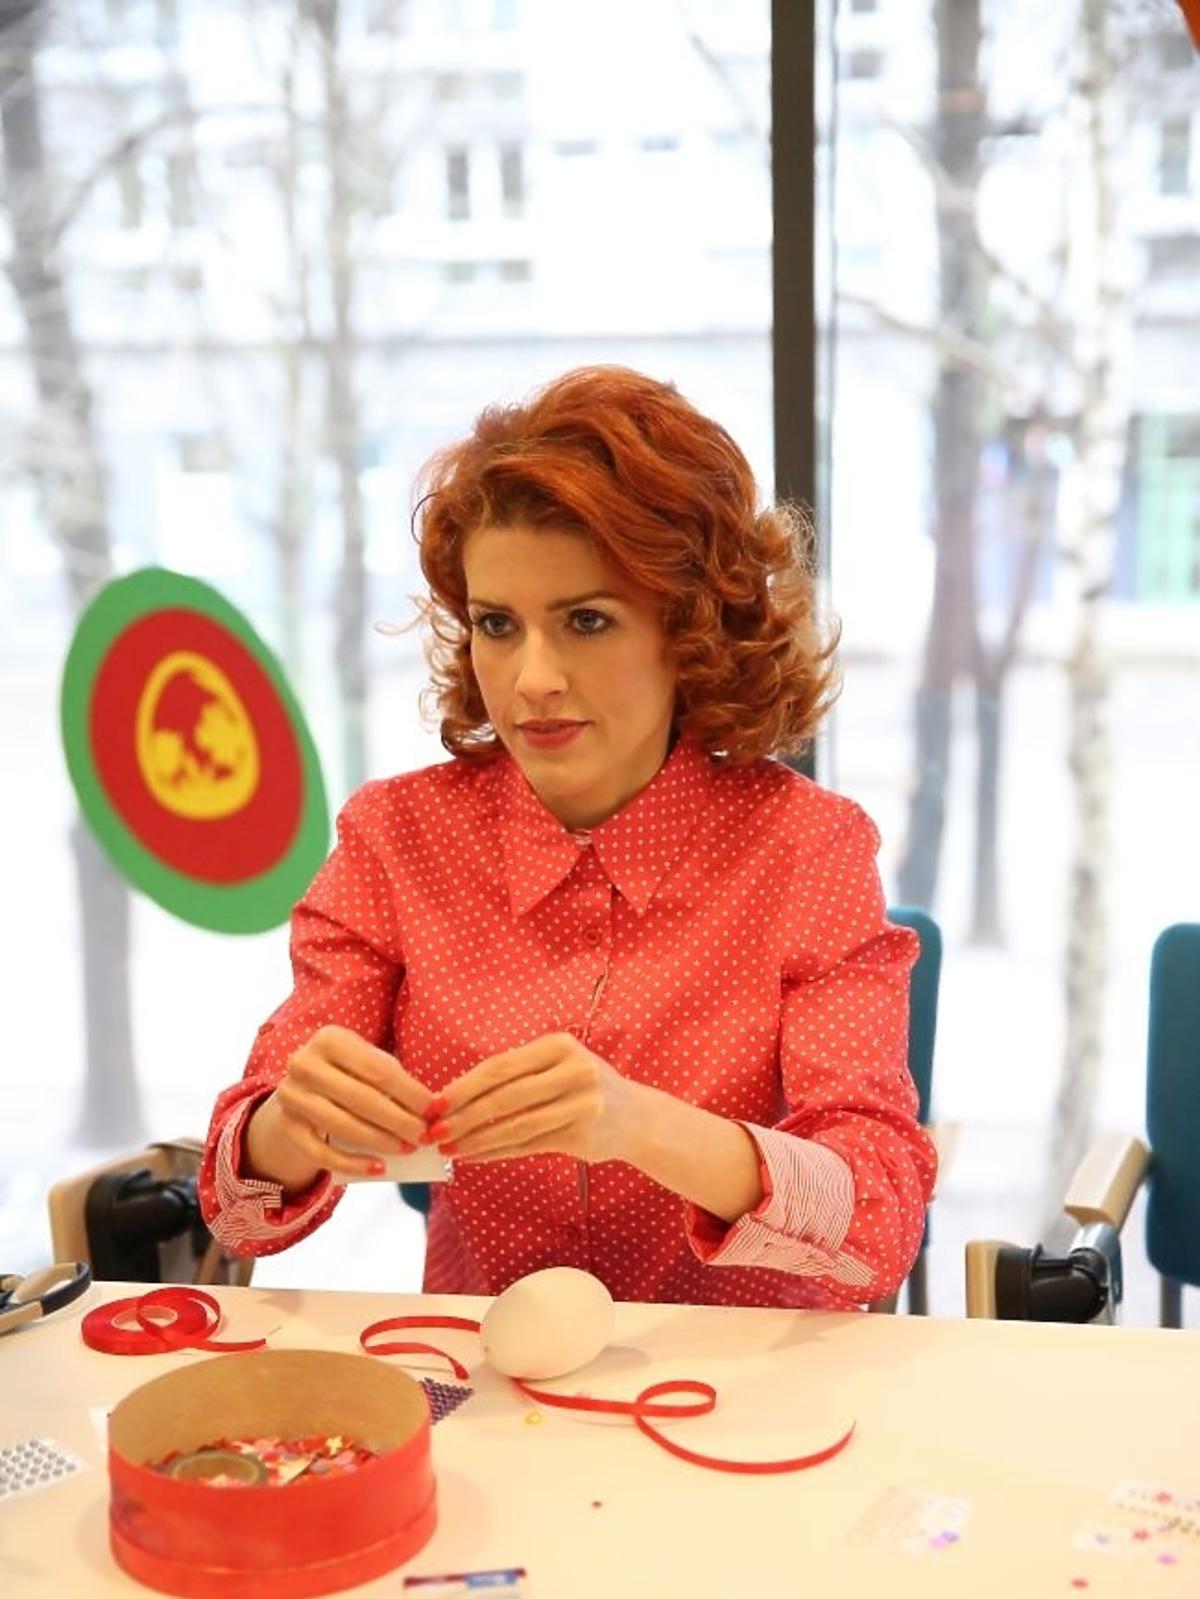 Agnieszka Wielgosz przygotowuje wielkanocne ozdoby